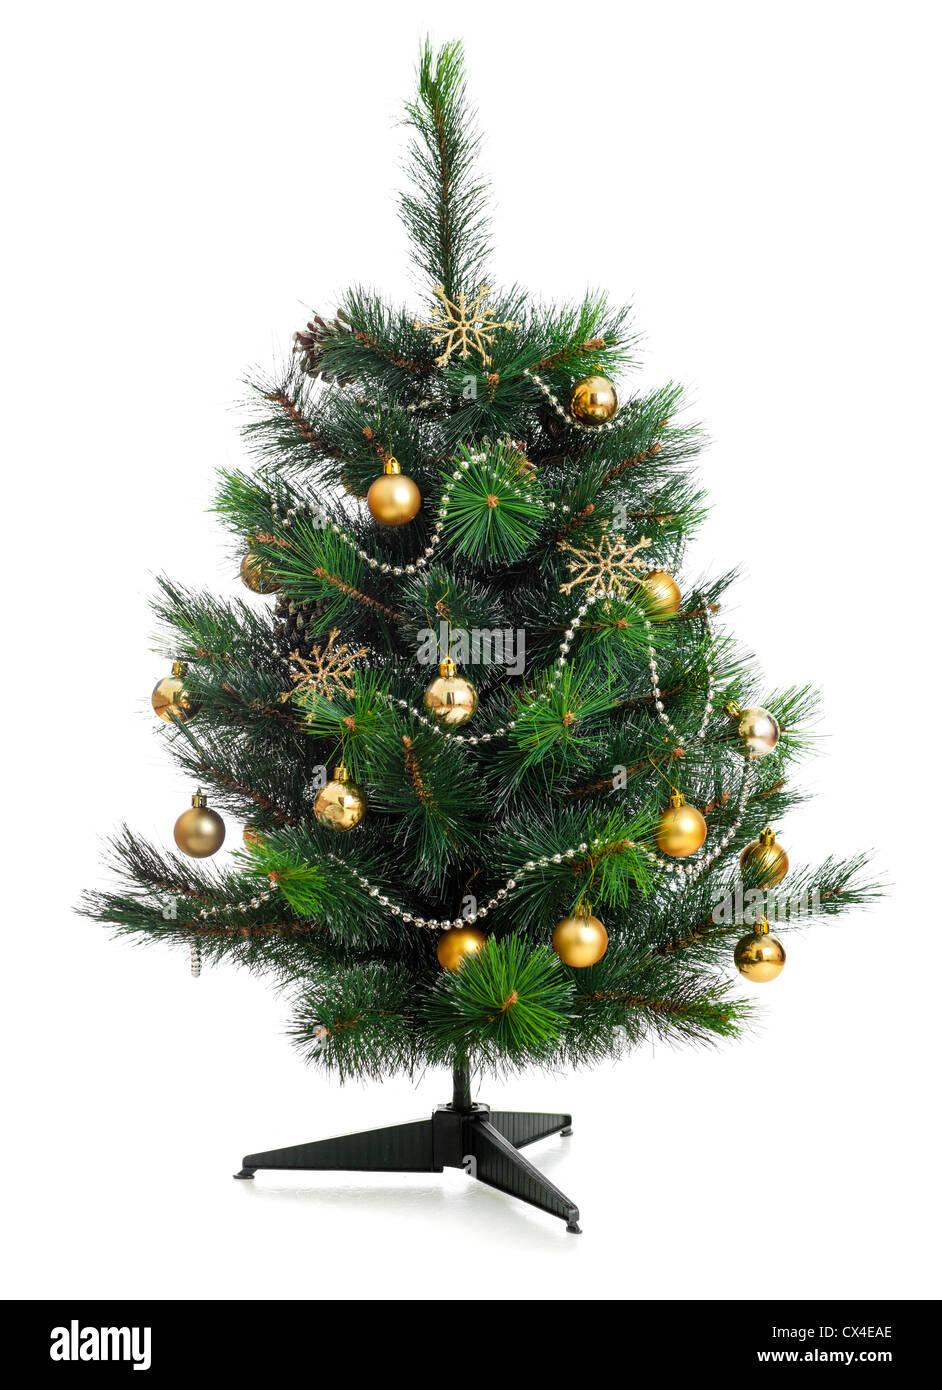 Kleinen geschmückter Weihnachtsbaum, isoliert auf weiss Stockfoto